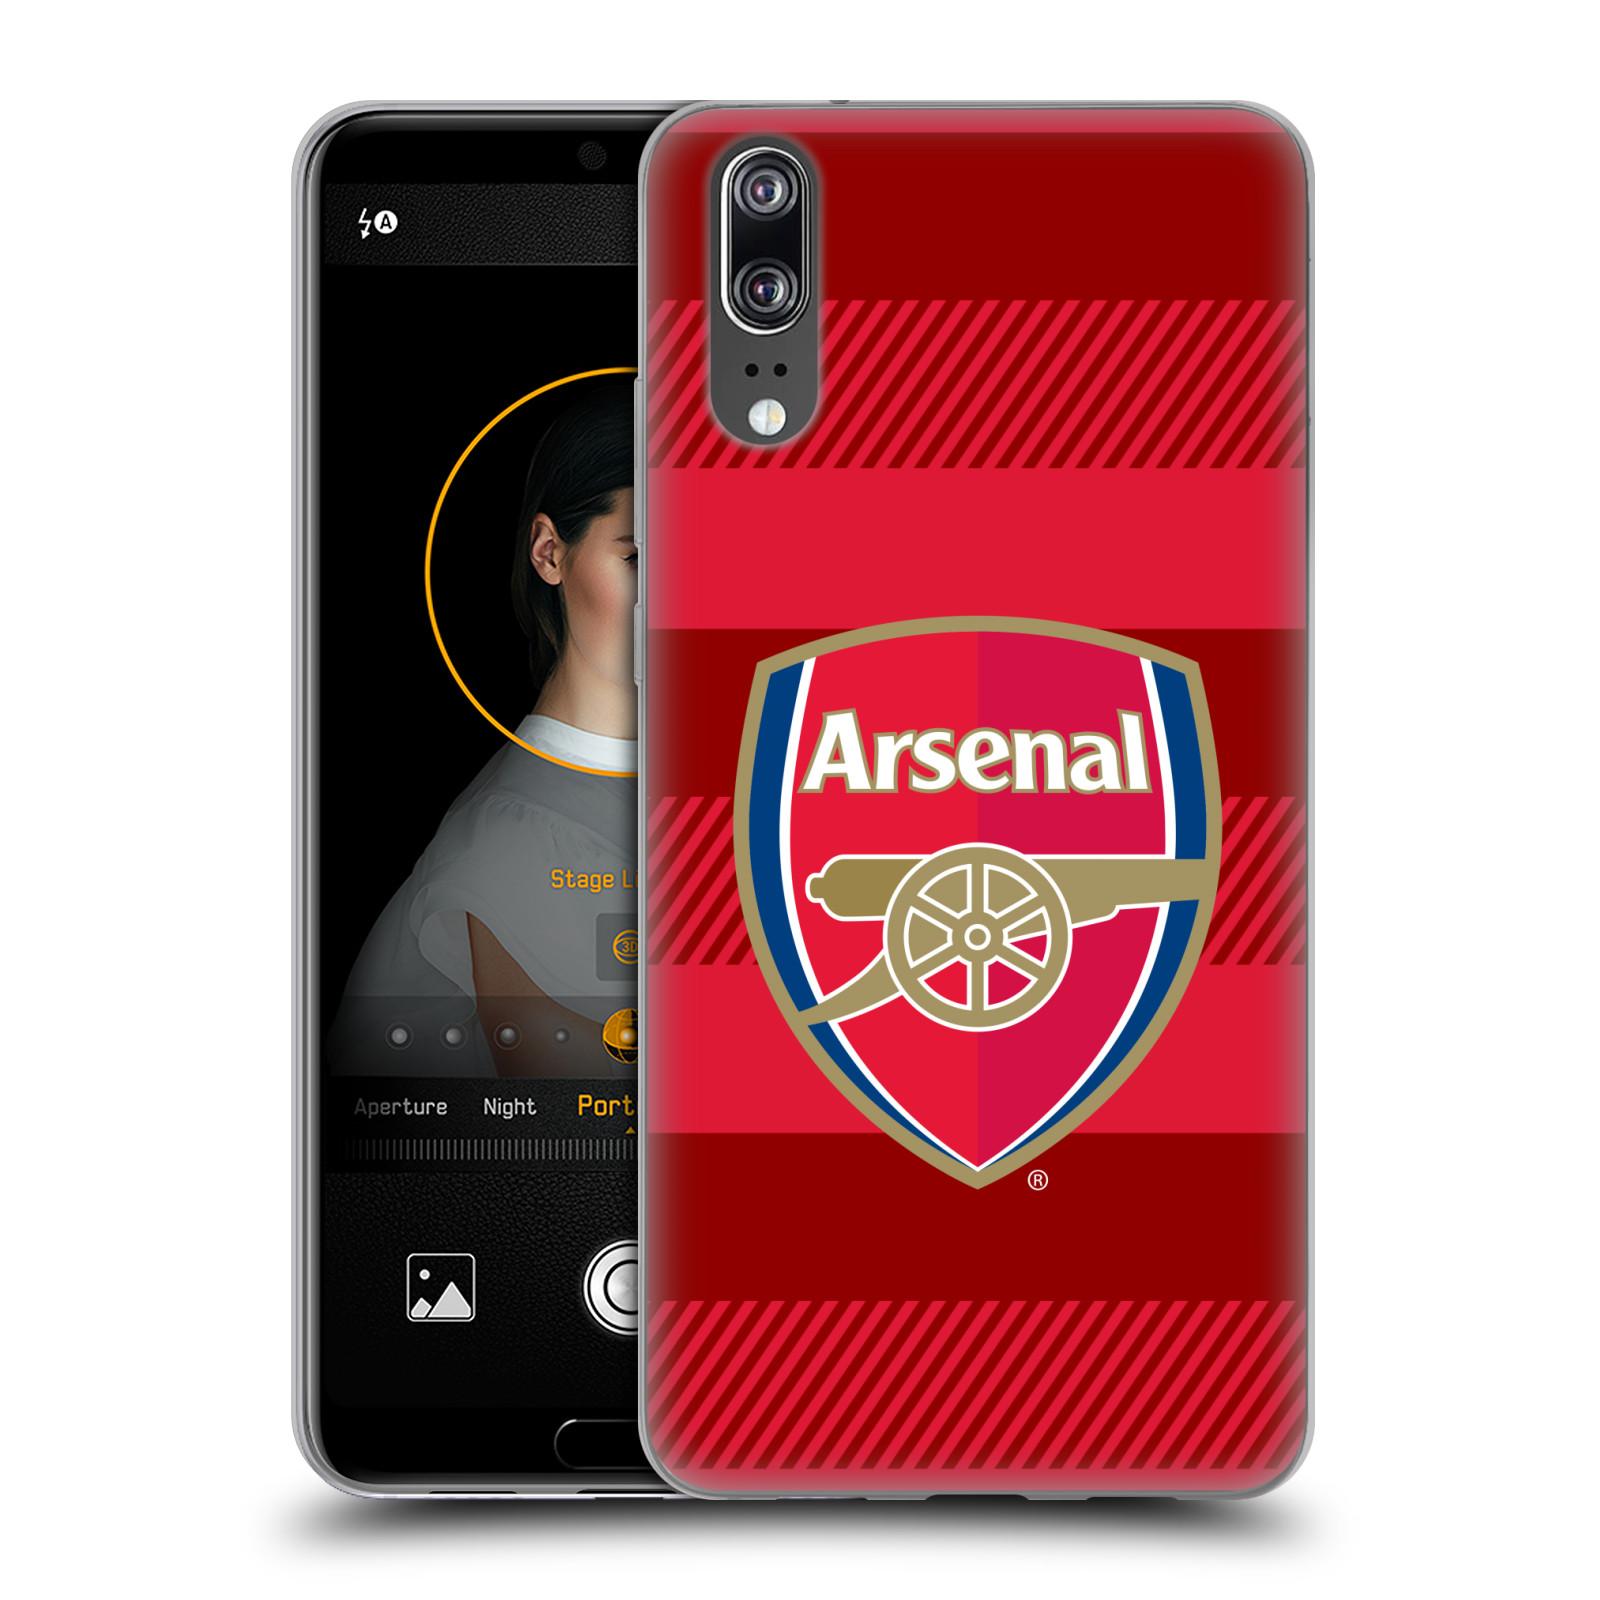 Silikonové pouzdro na mobil Huawei P20 - Head Case - Arsenal FC - Logo s pruhy